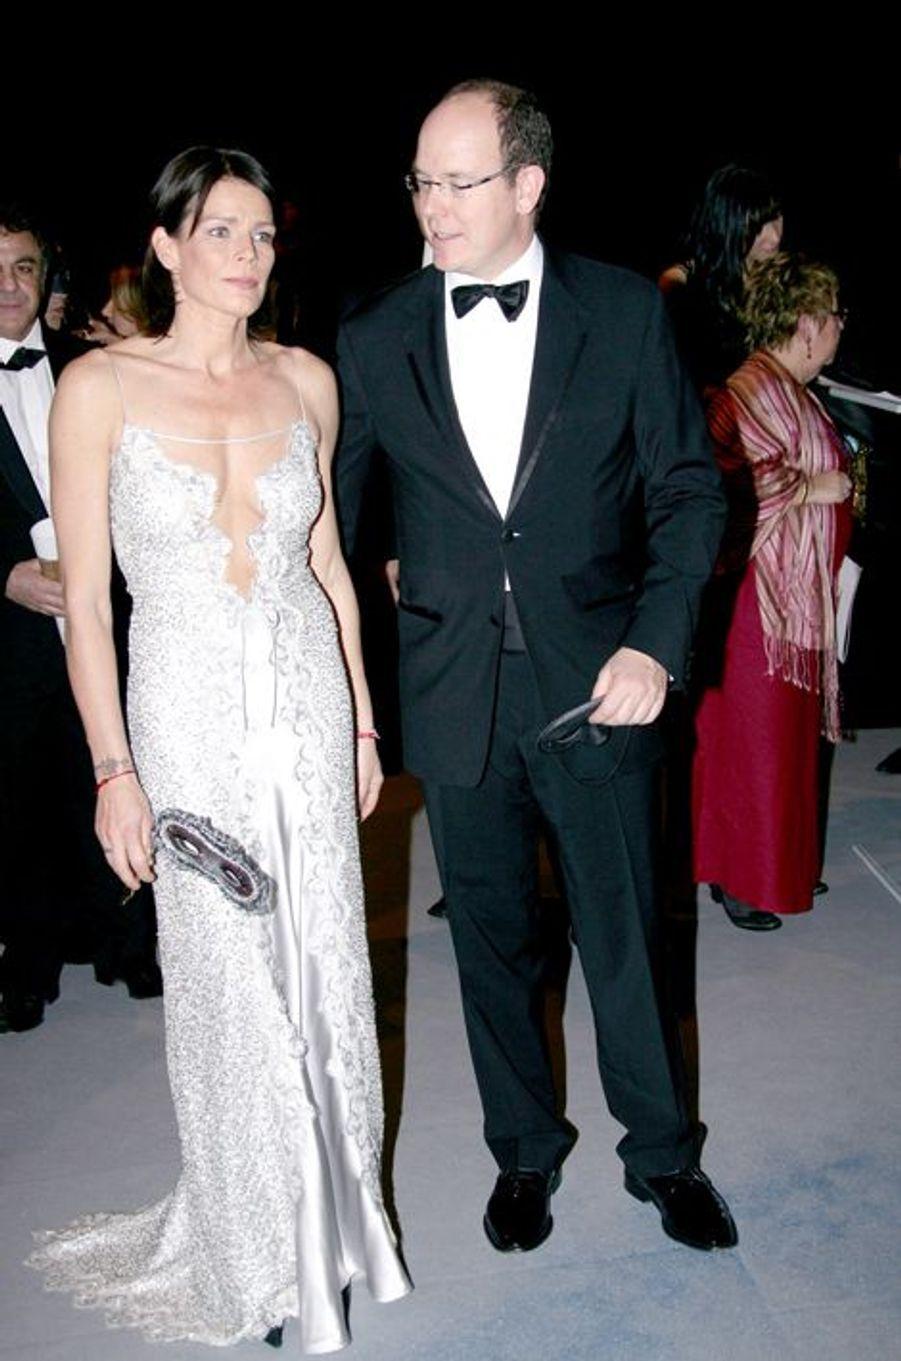 La princesse Stéphanie de Monaco le 22 février 2007, avec le prince Albert